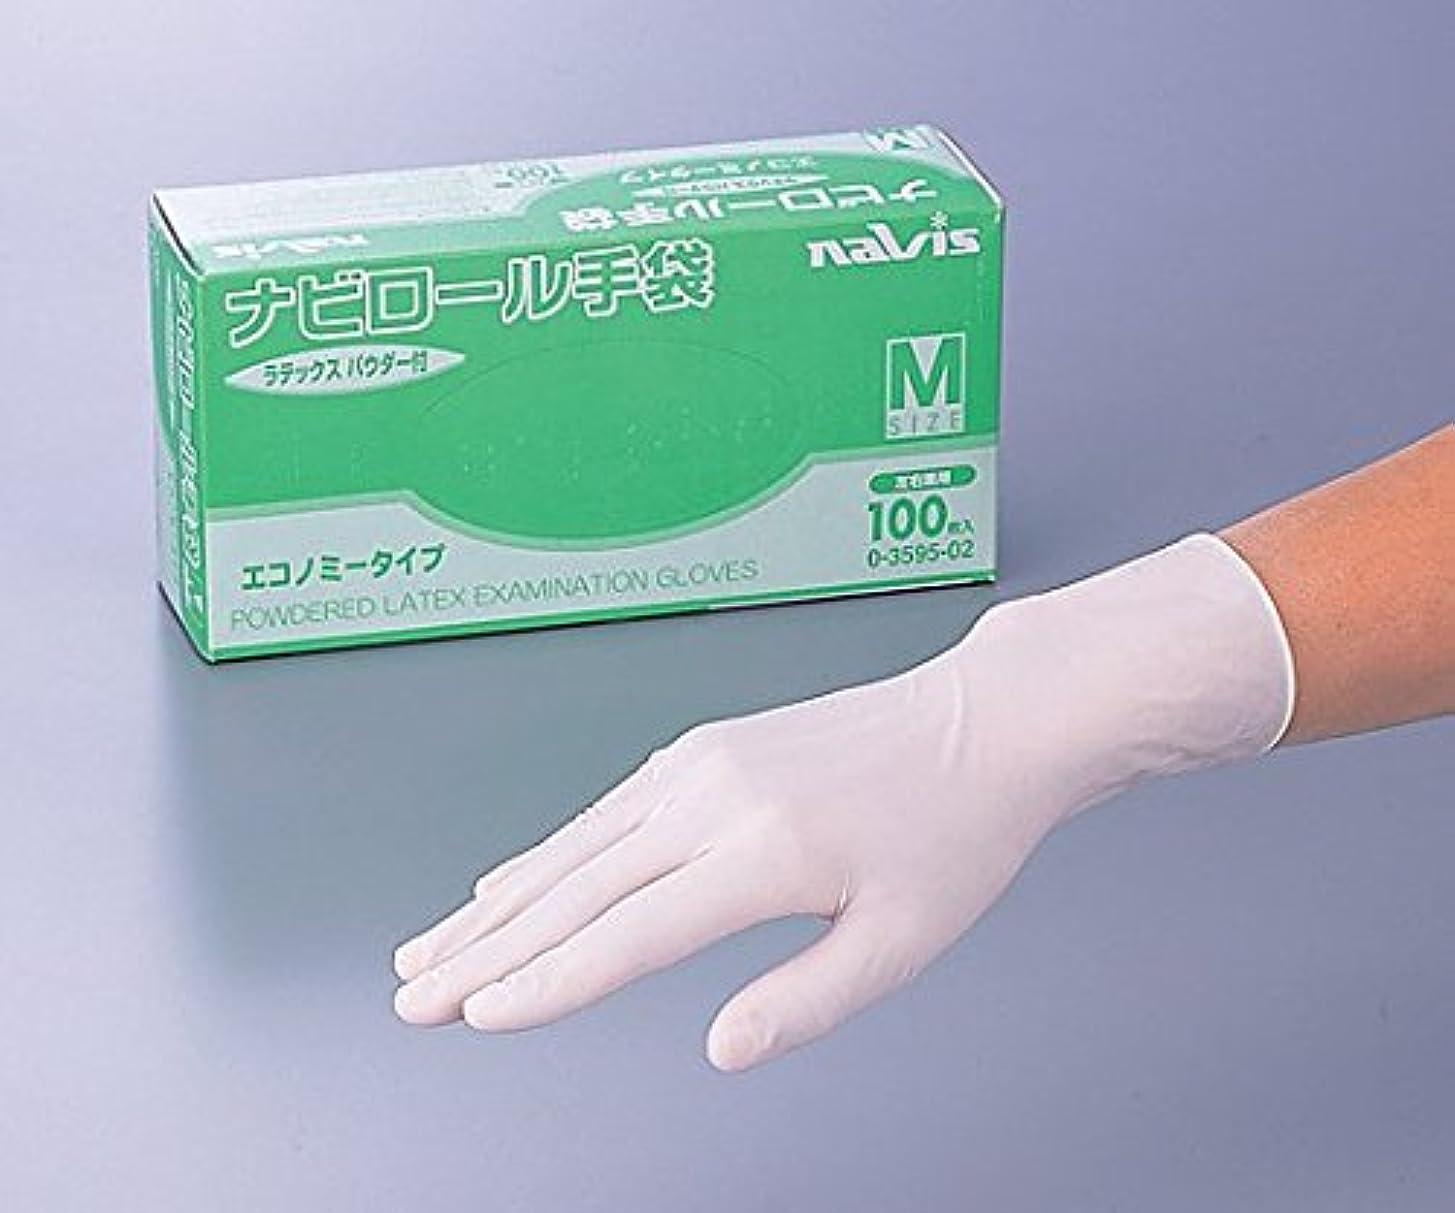 ロープナンセンスエージェントアズワン0-3595-02ナビロール手袋(エコノミータイプ?パウダー付)M100枚入